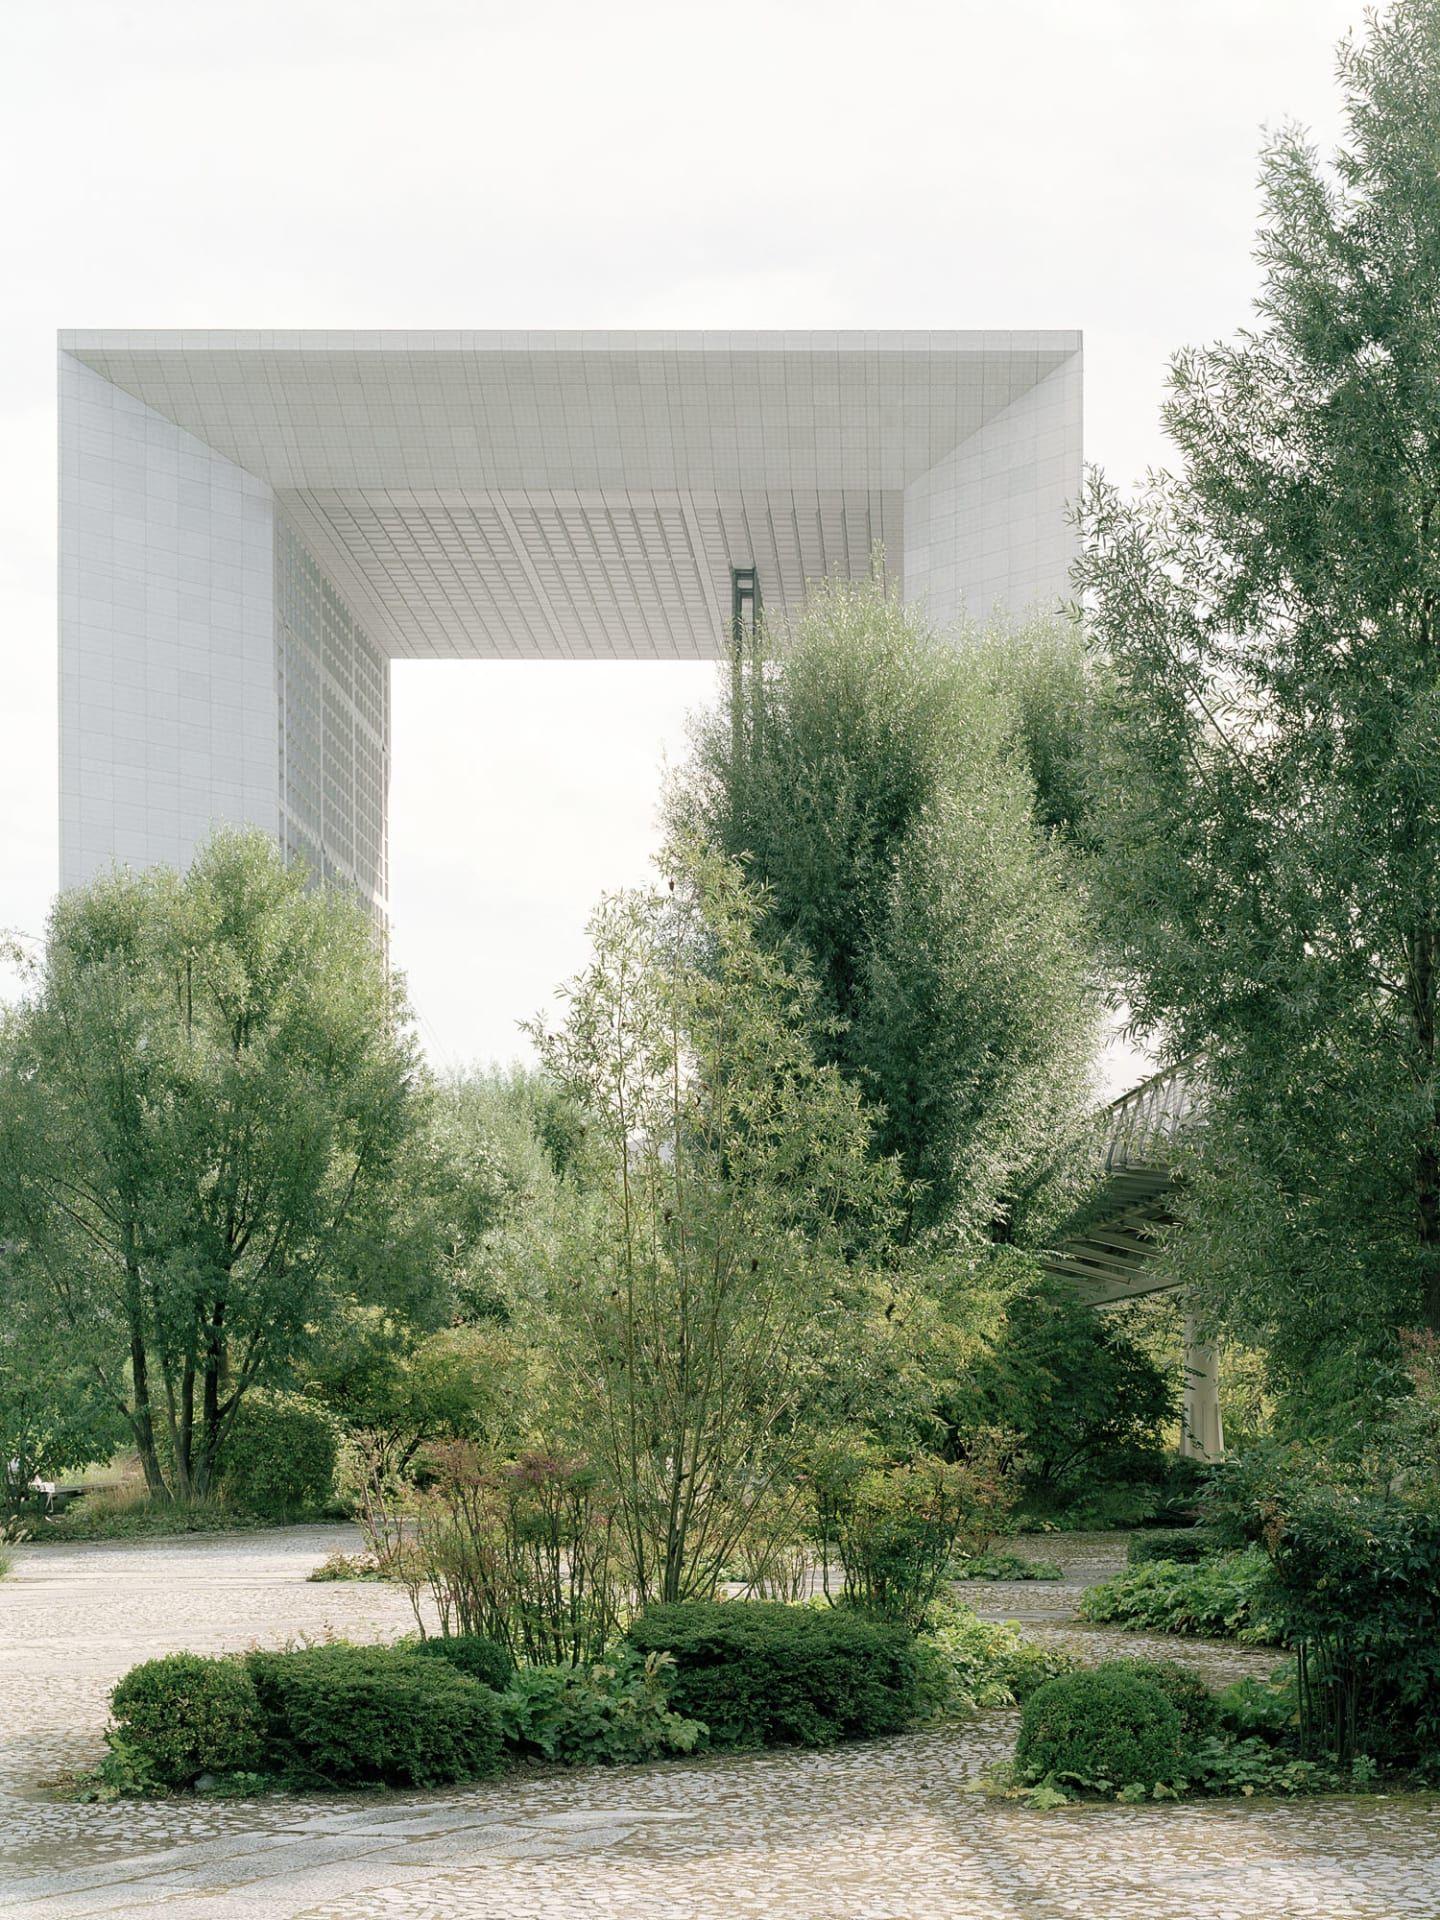 Grande arche la d fense landschaftsarchitektur for Pflanzengestaltung garten